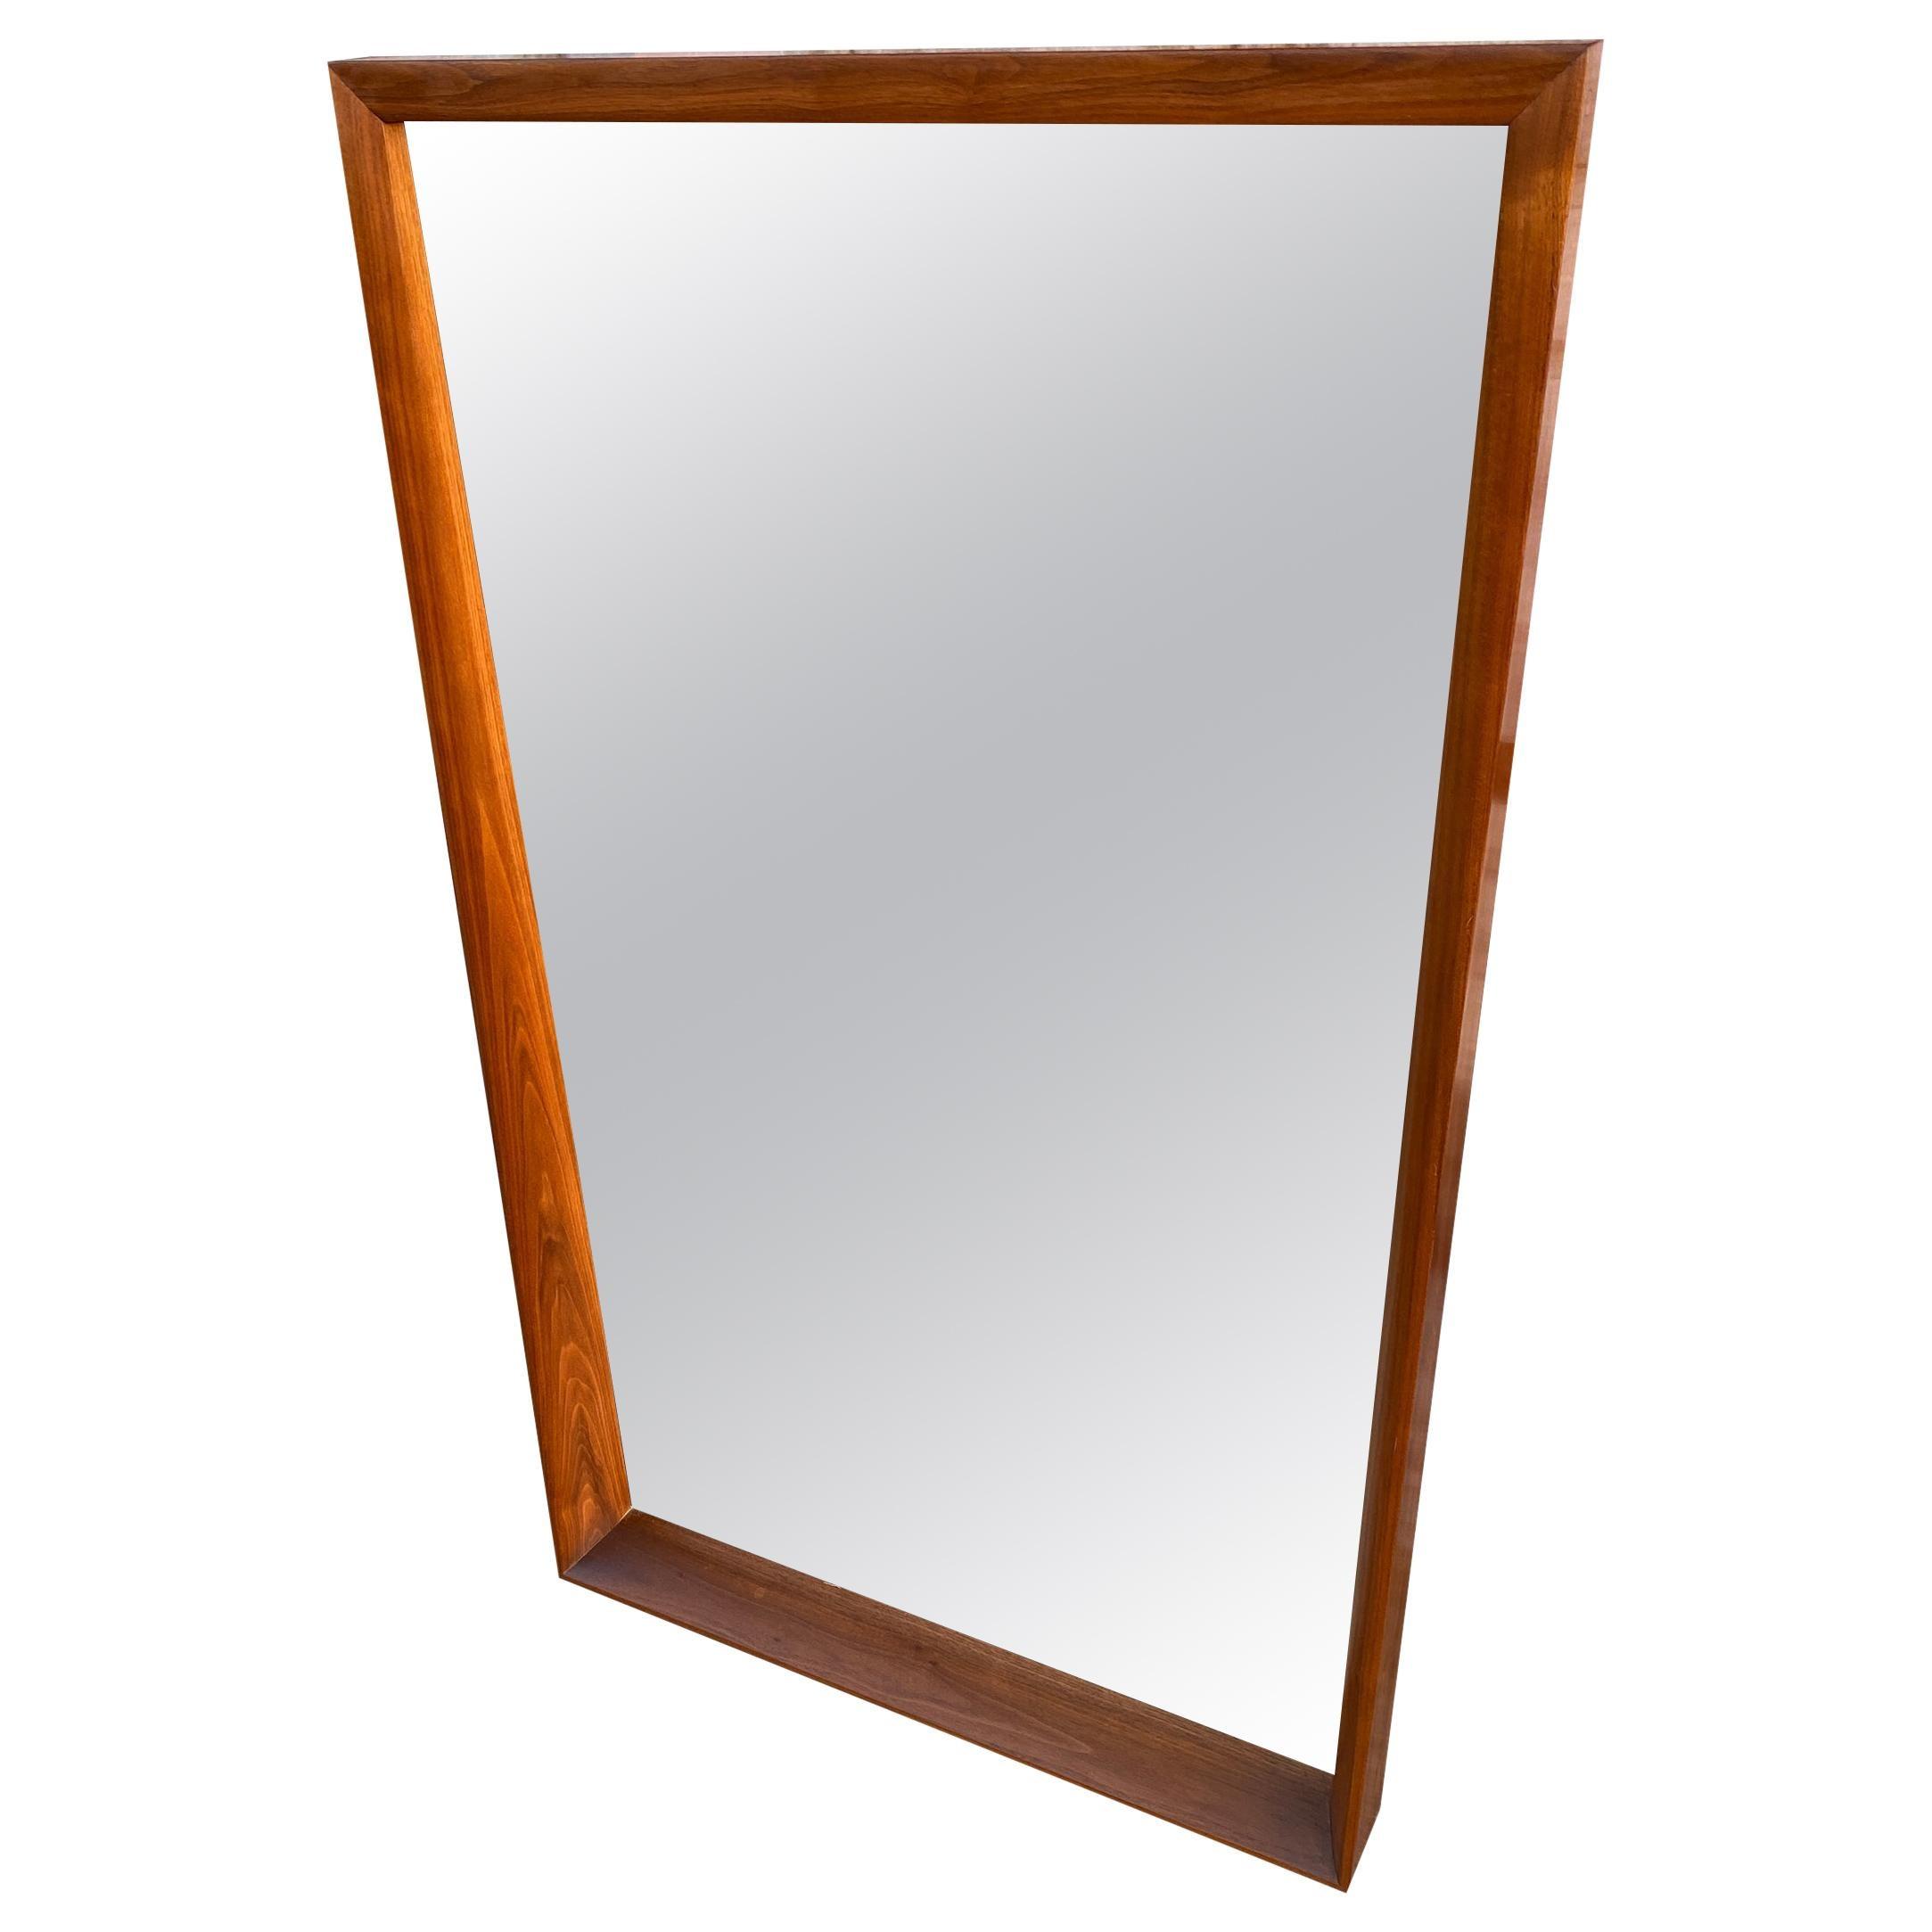 Midcentury Rectangle Walnut Frame Mirror Very Beautiful Style of Nakashima